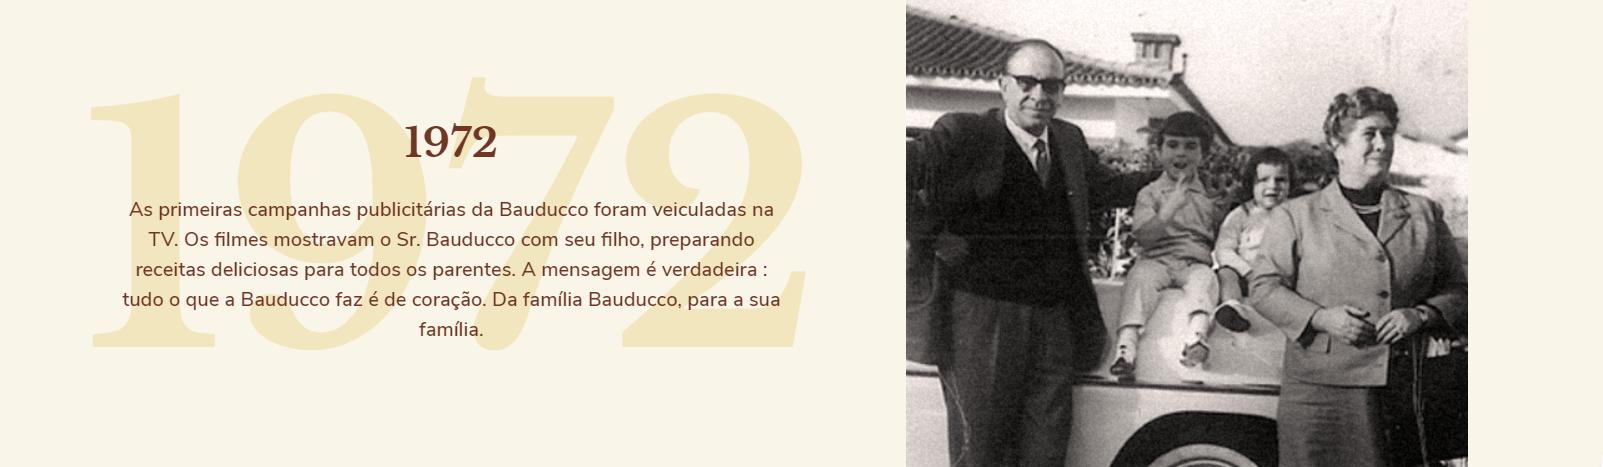 1972: As primeiras campanhas publicitárias da Bauducco foram veiculadas na TV. Os filmes mostravam o Sr. Bauducco com seu filho, preparando receitas deliciosas para todos os parentes. A mensagem é verdadeira: tudo que a Bauducco faz é de coração. Da família Bauducco, para a sua família.